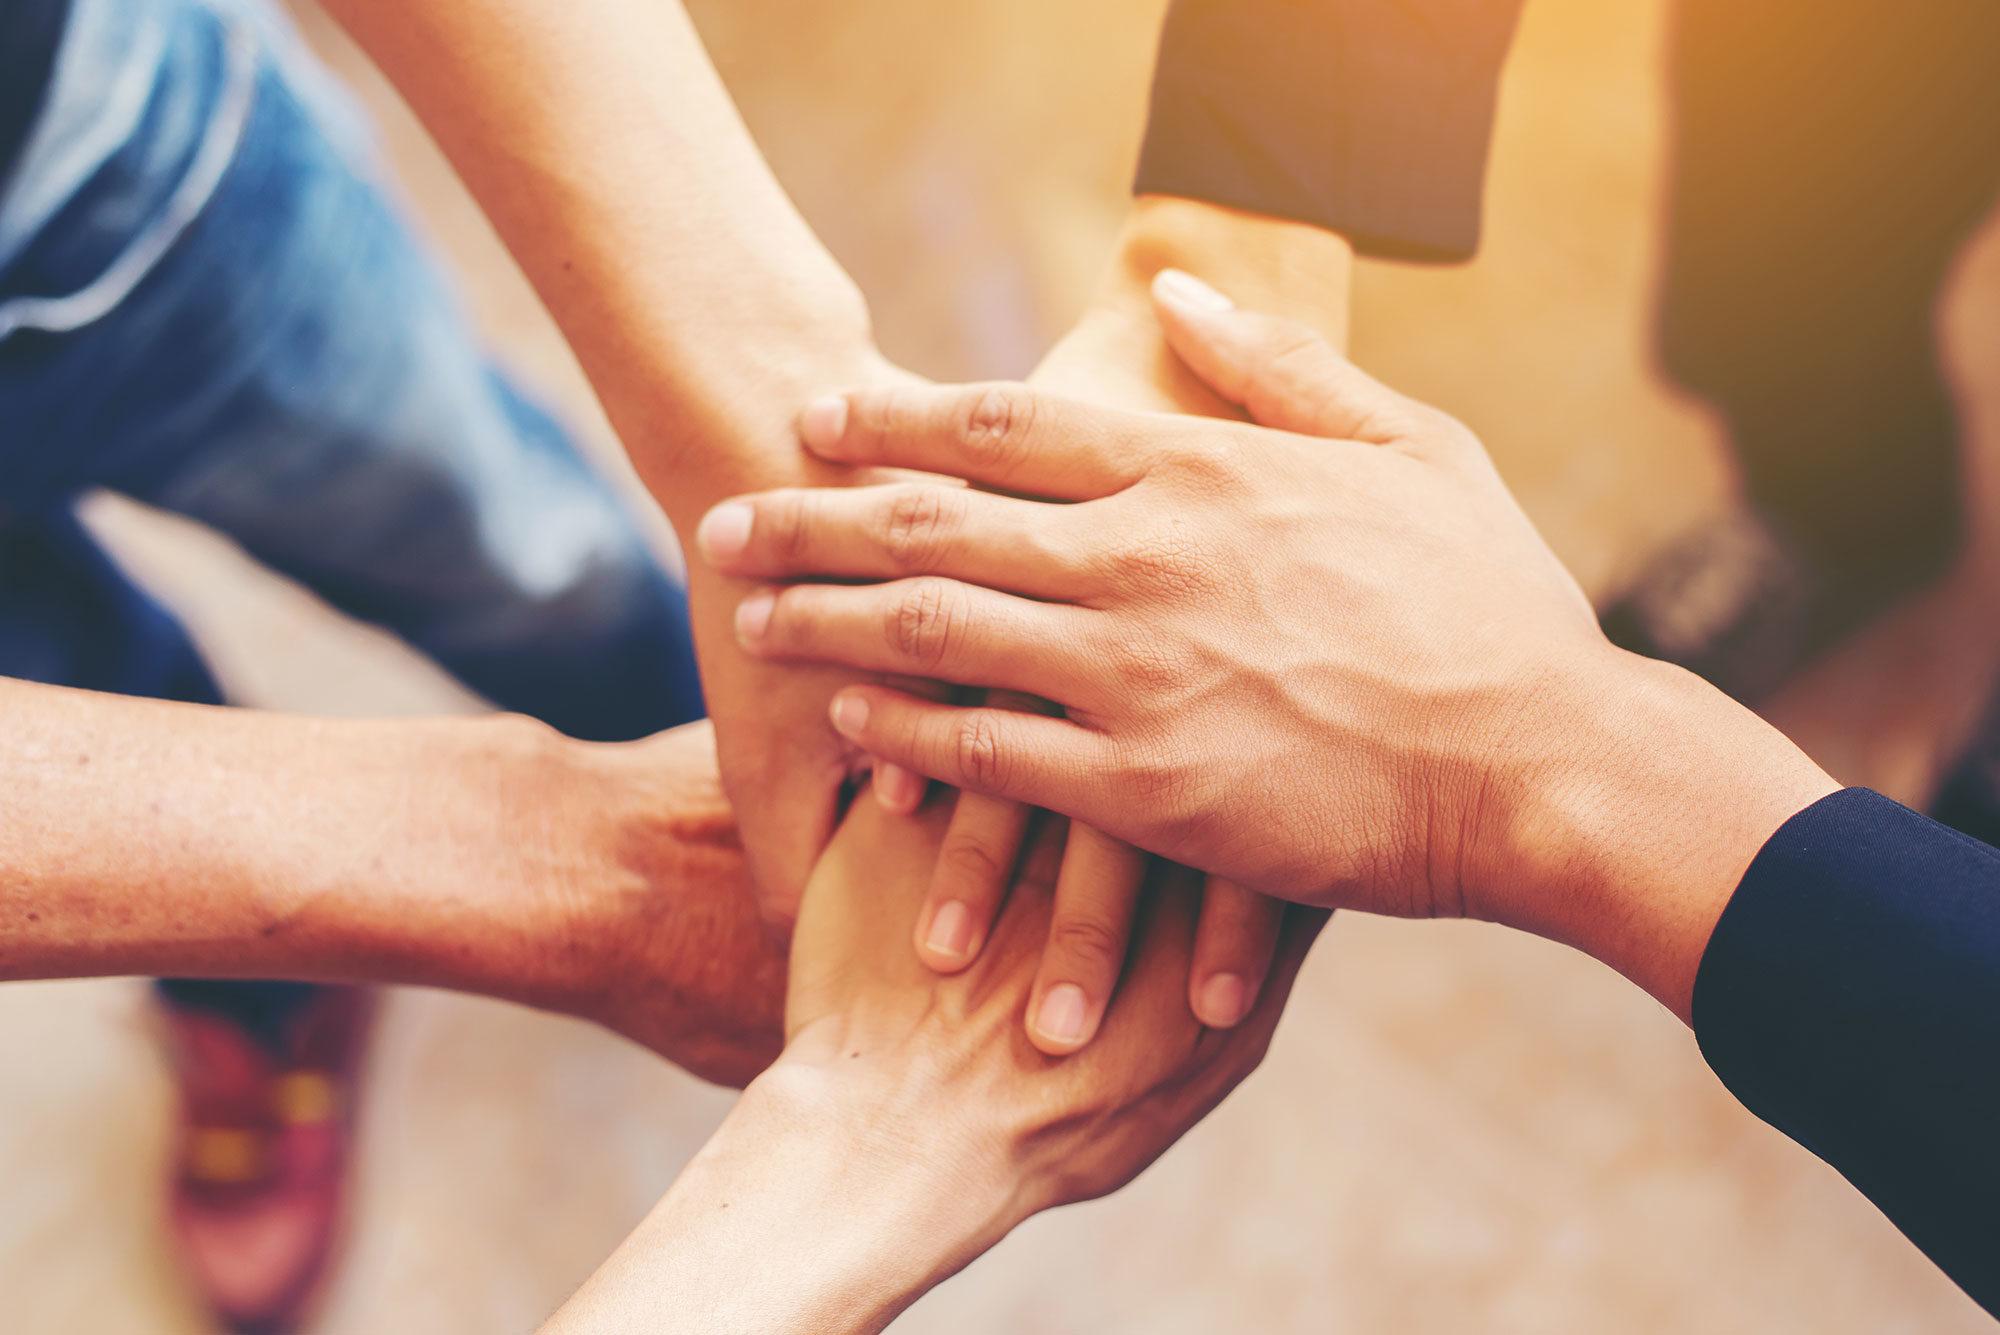 Il promotore della positività globale nella relazione d'aiuto